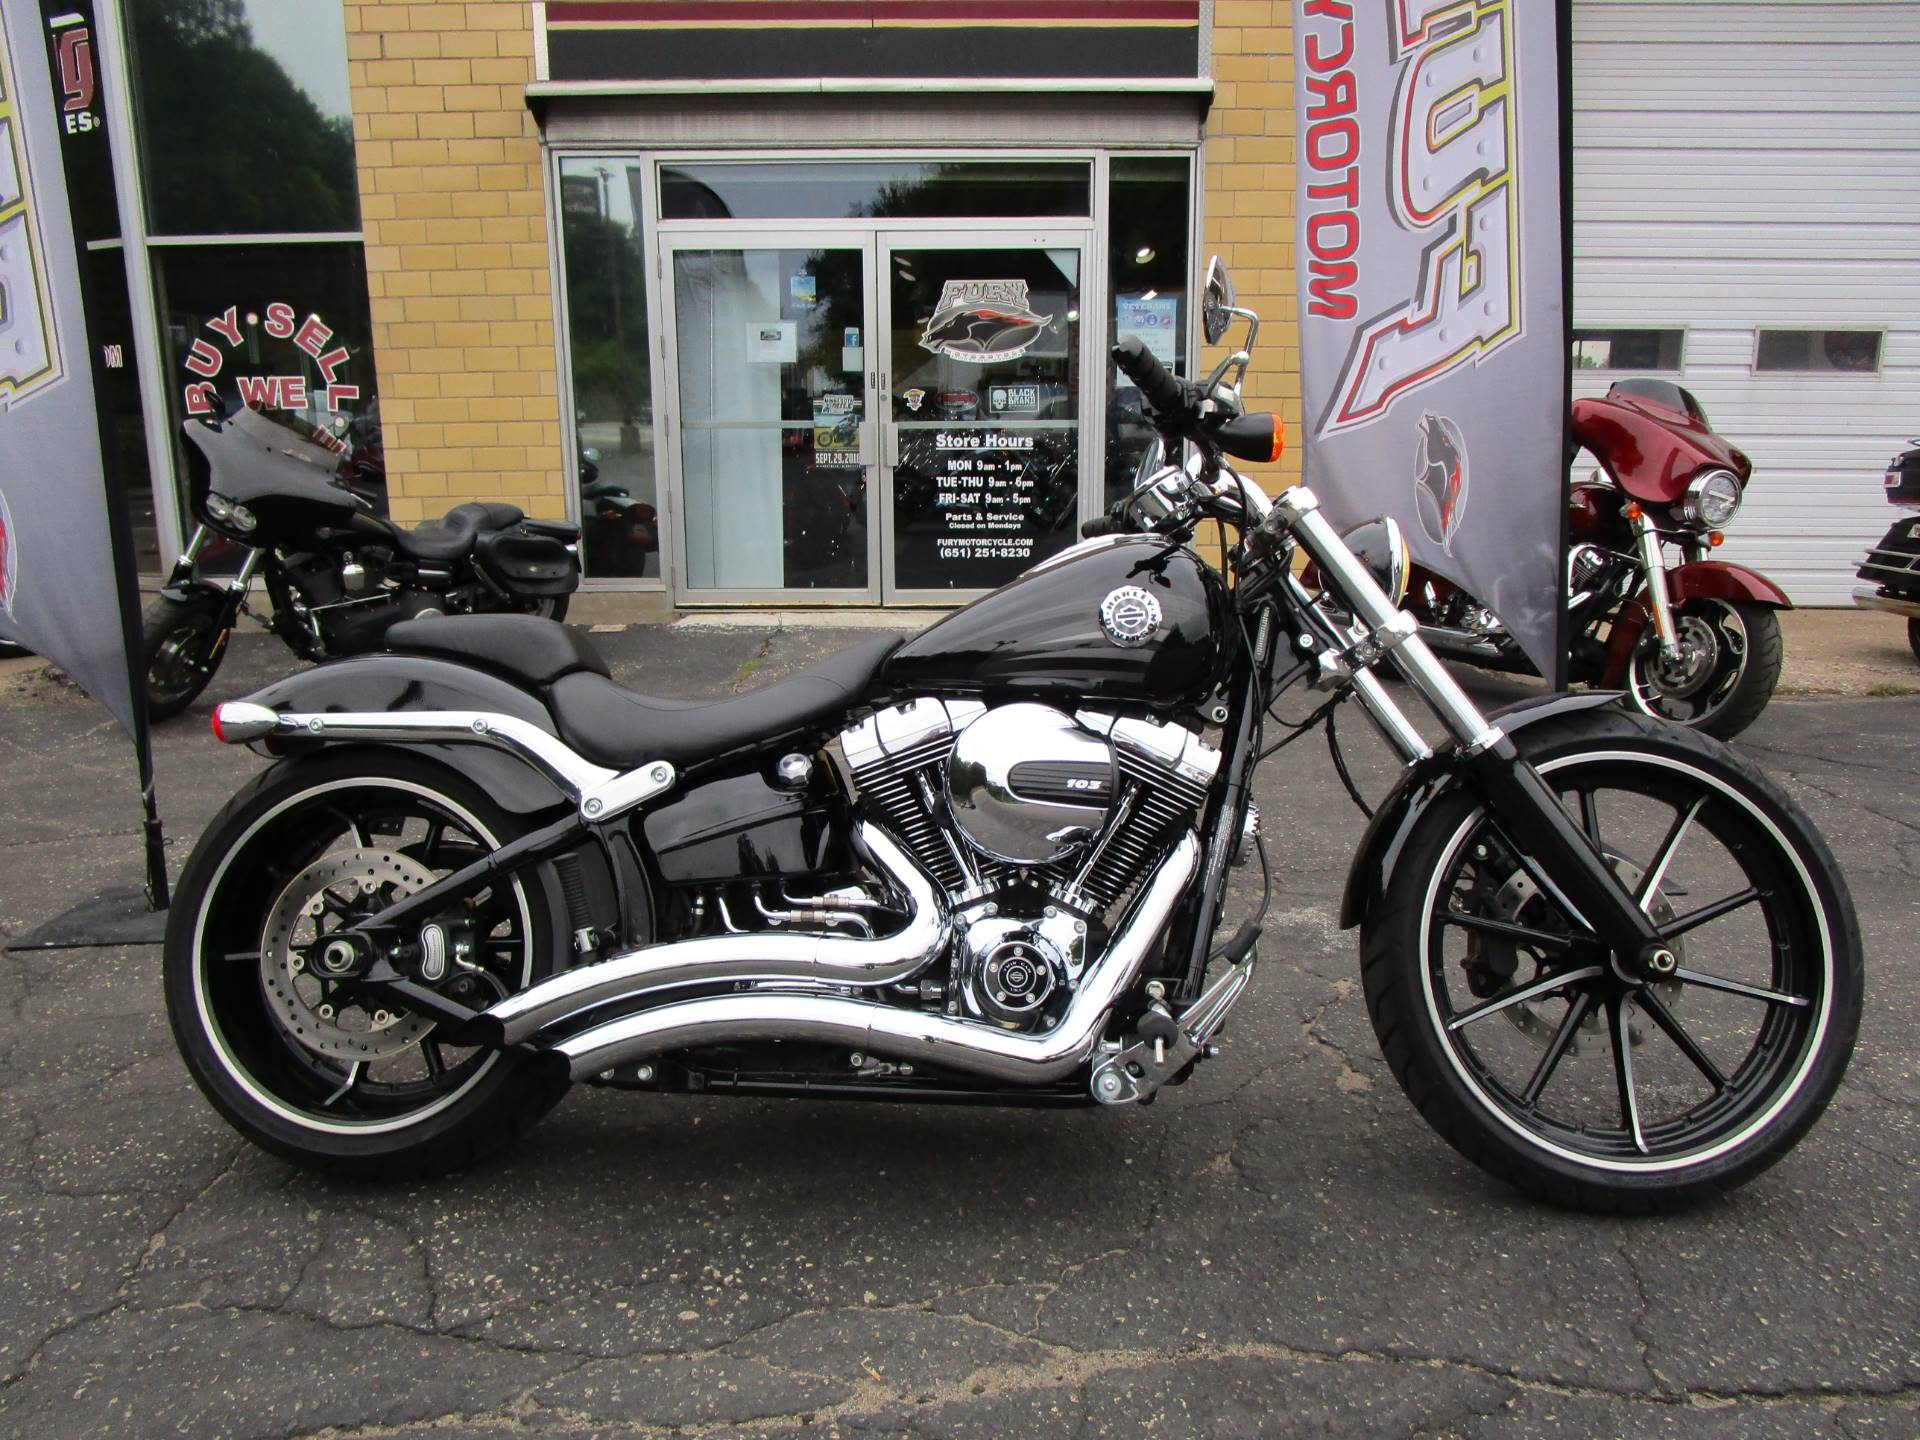 2016 Harley-Davidson Breakout for sale 26279